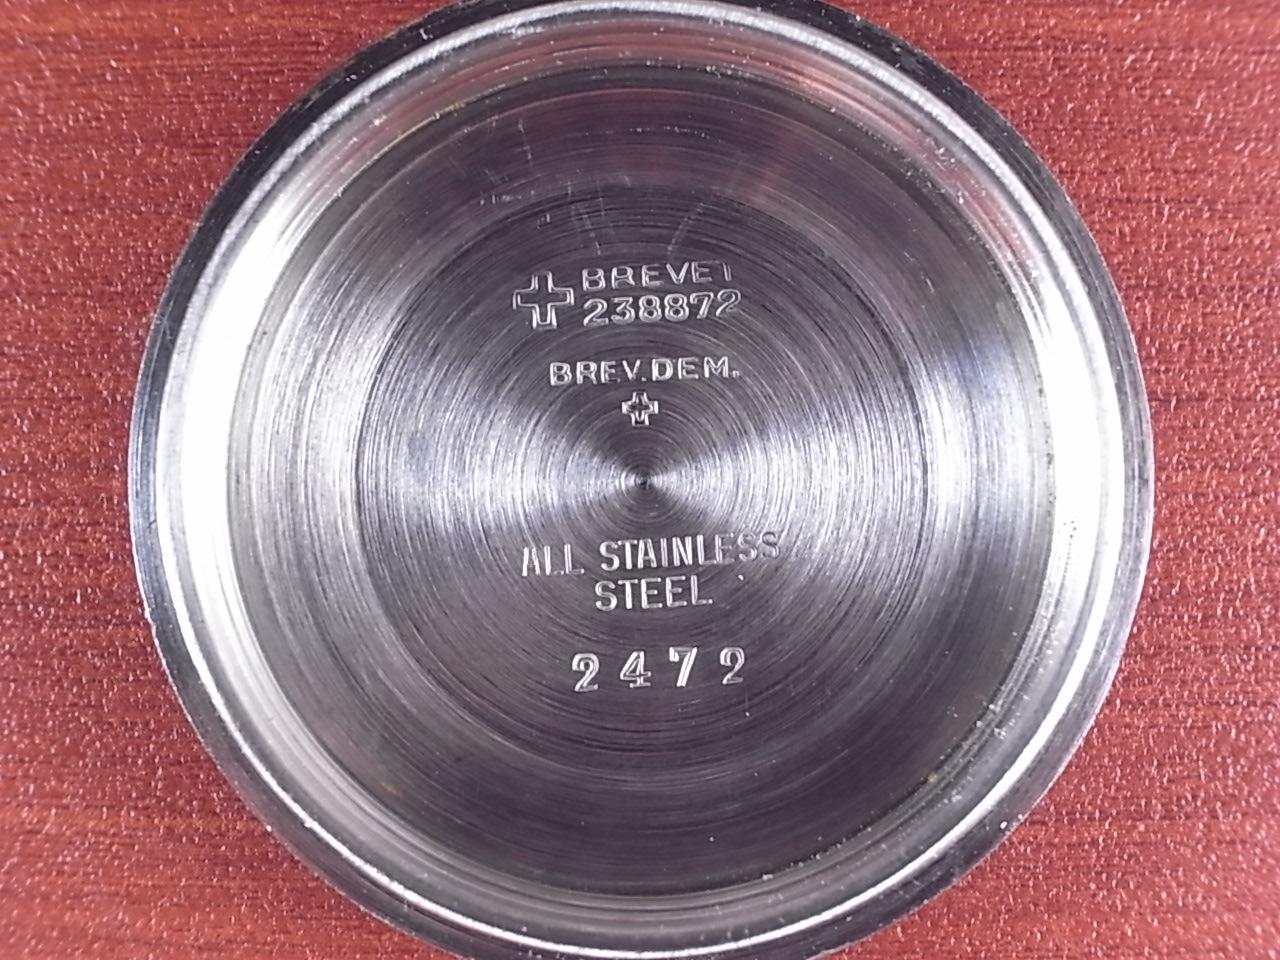 テクノス スカイダイバー ブラックミラーダイアル 30JEWELS 1960年代の写真6枚目